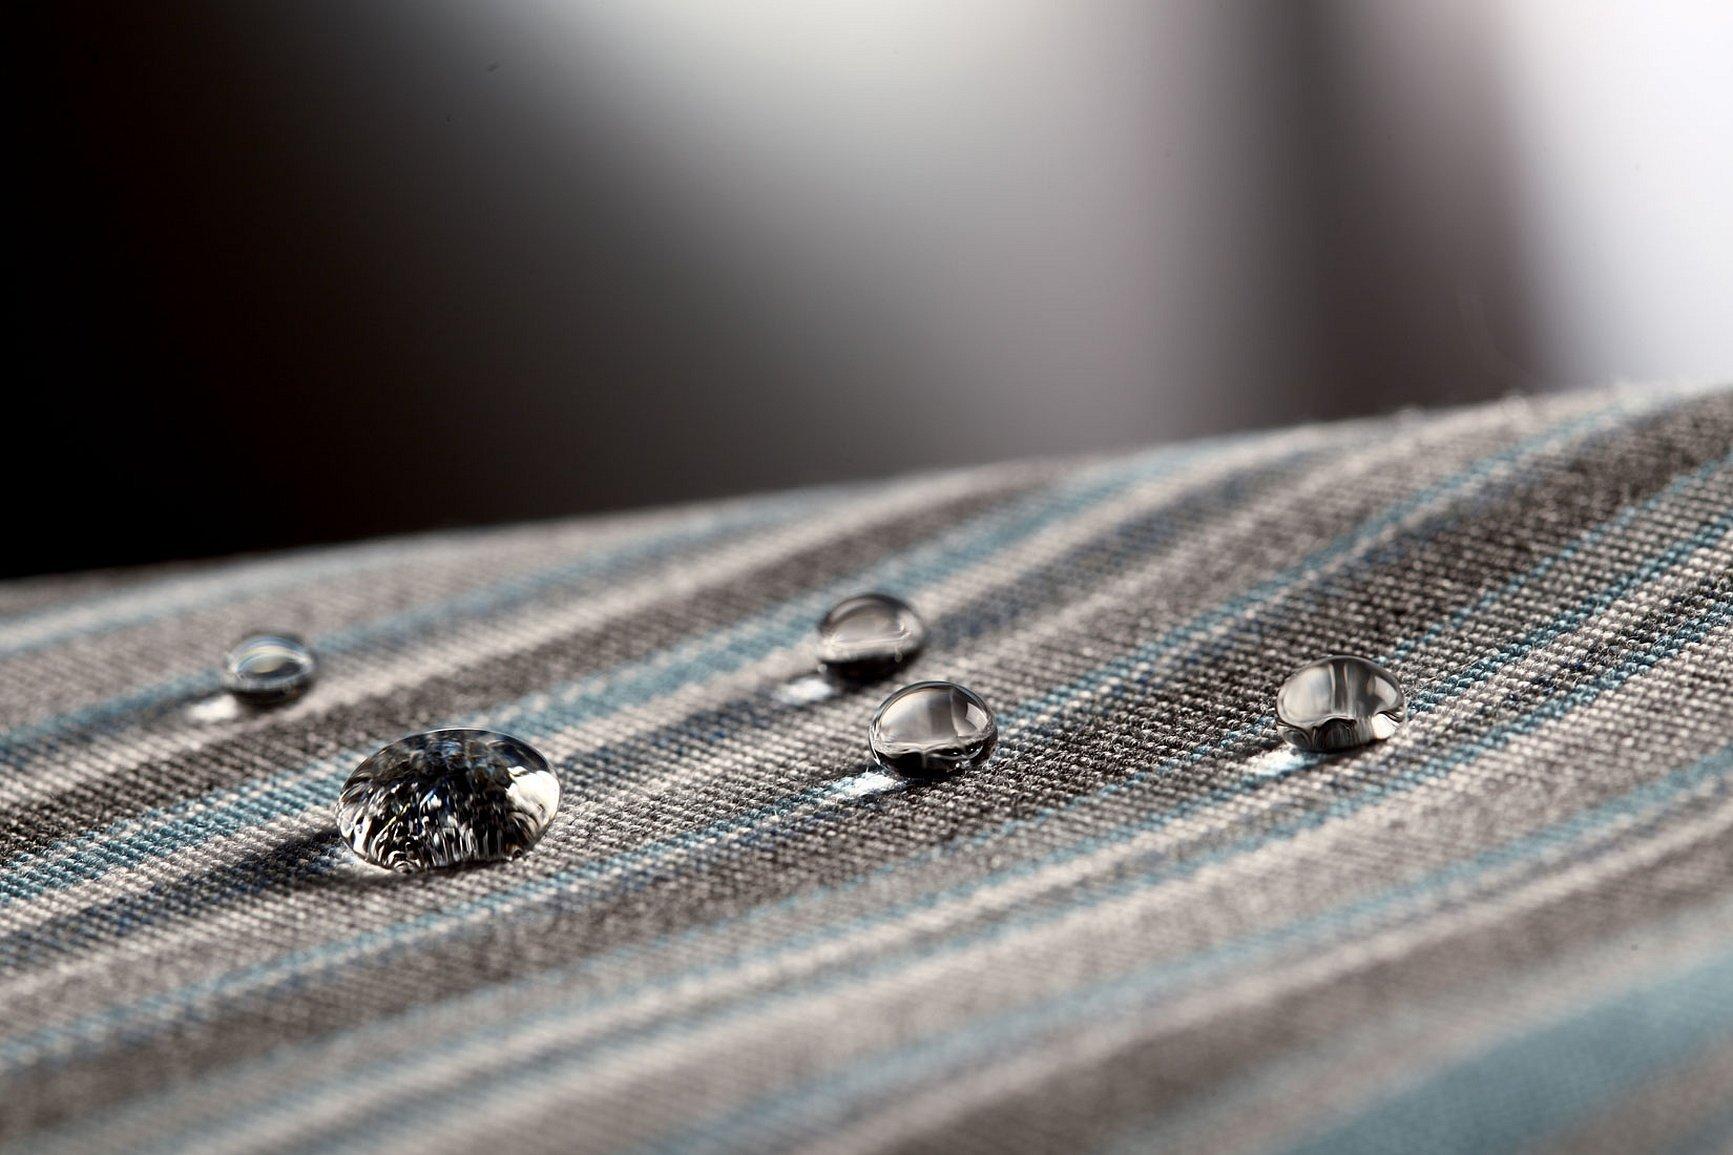 Капля воды на одежде